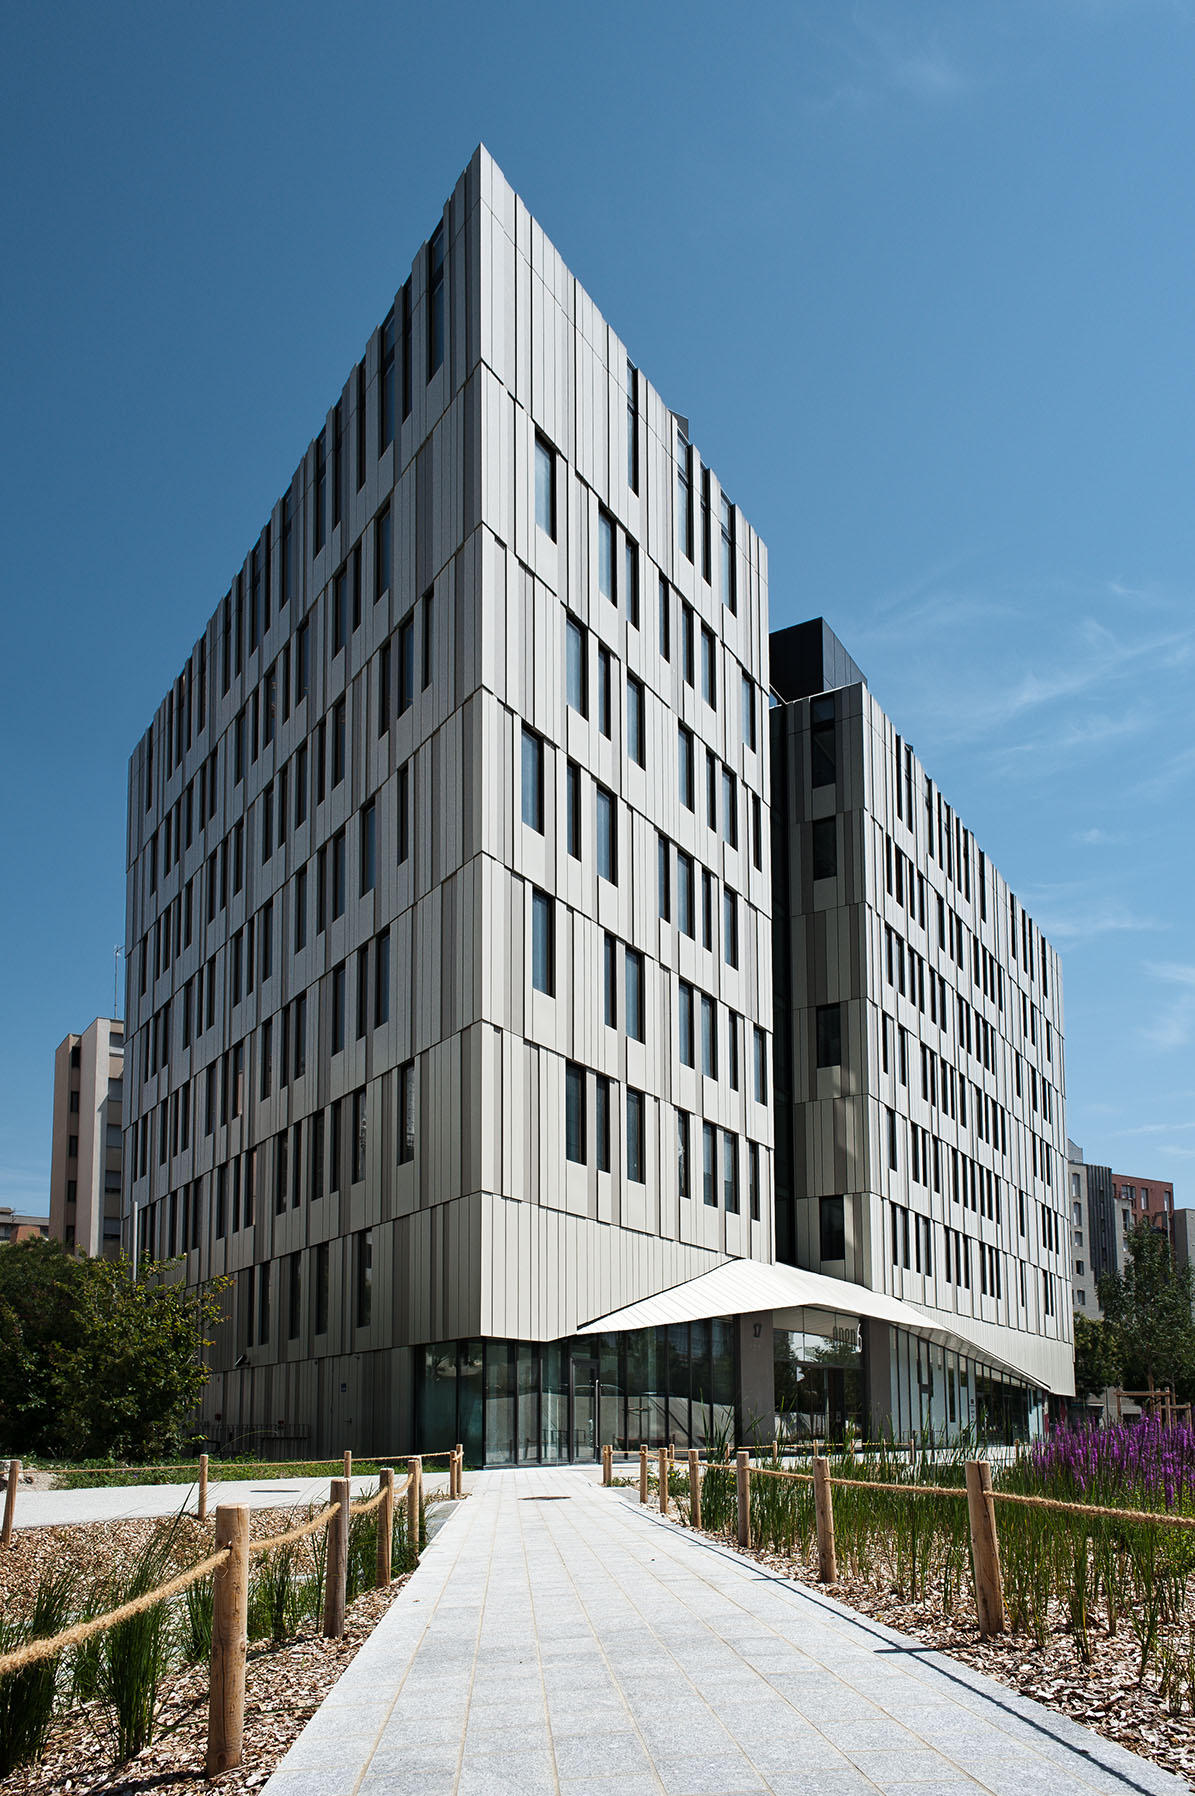 Open 6 - AFAA Architecture - 2011